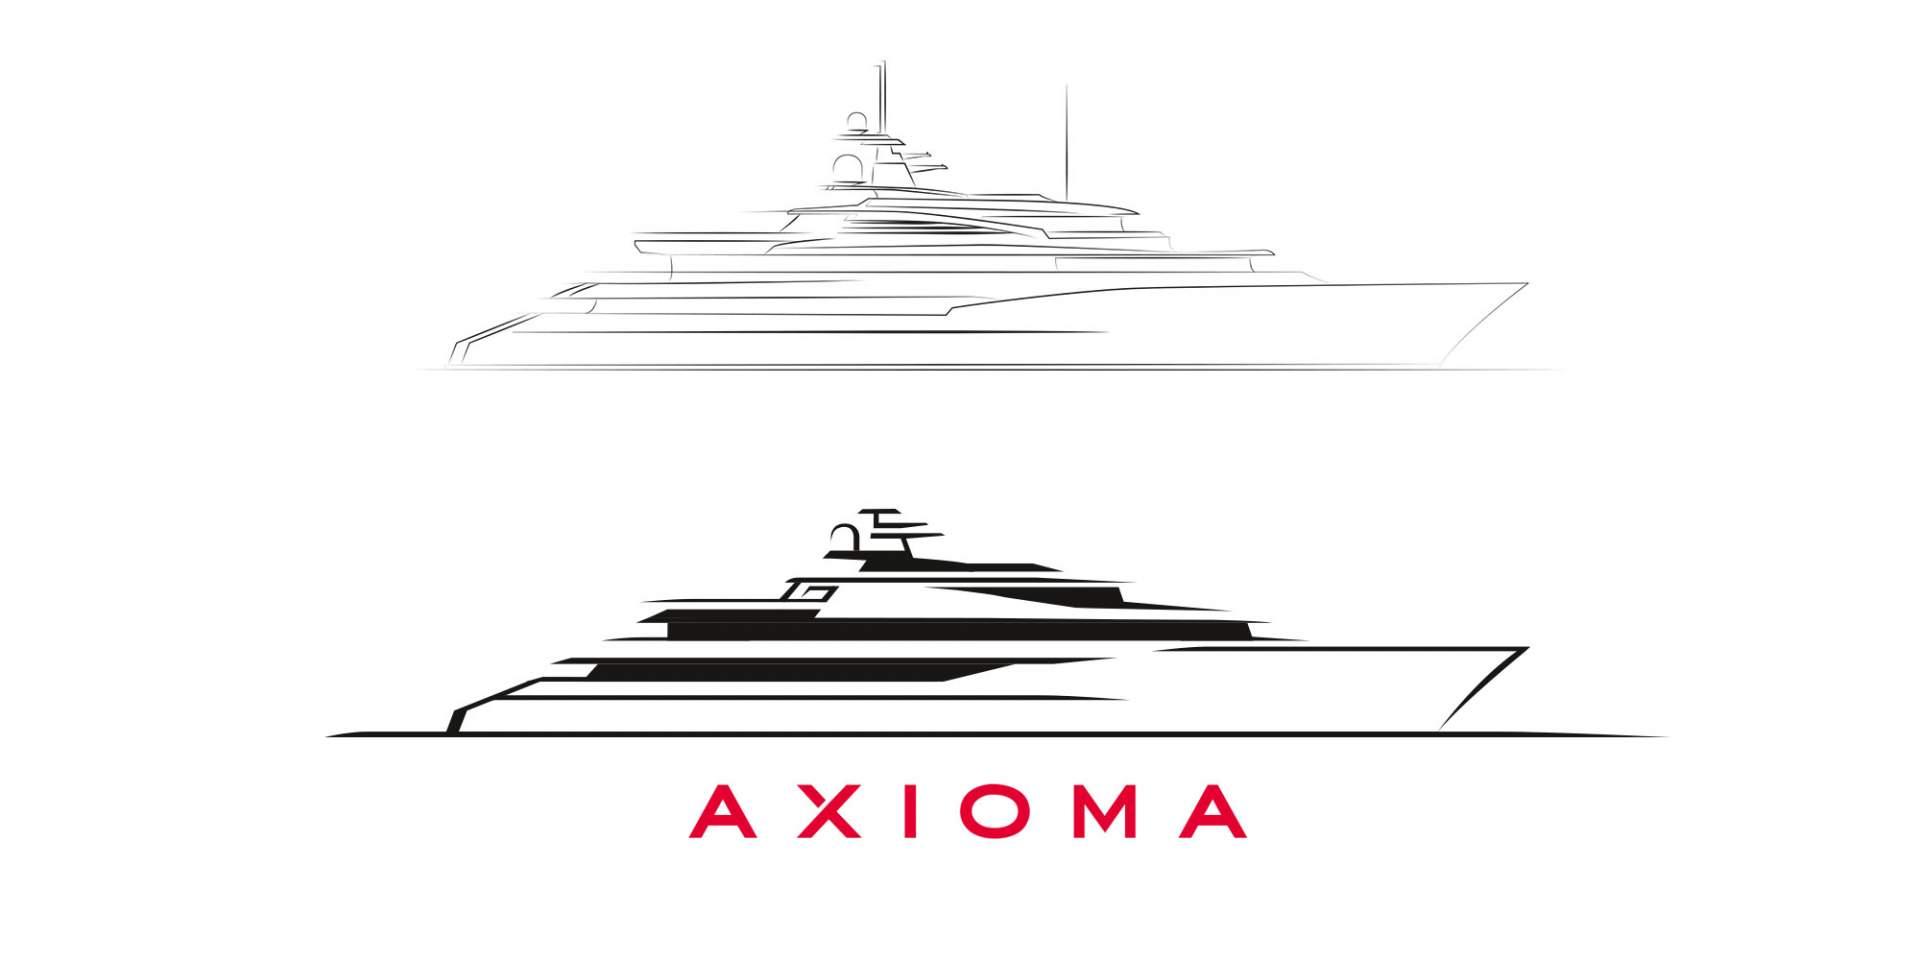 05-DA2 AGENCY-Axioma 05